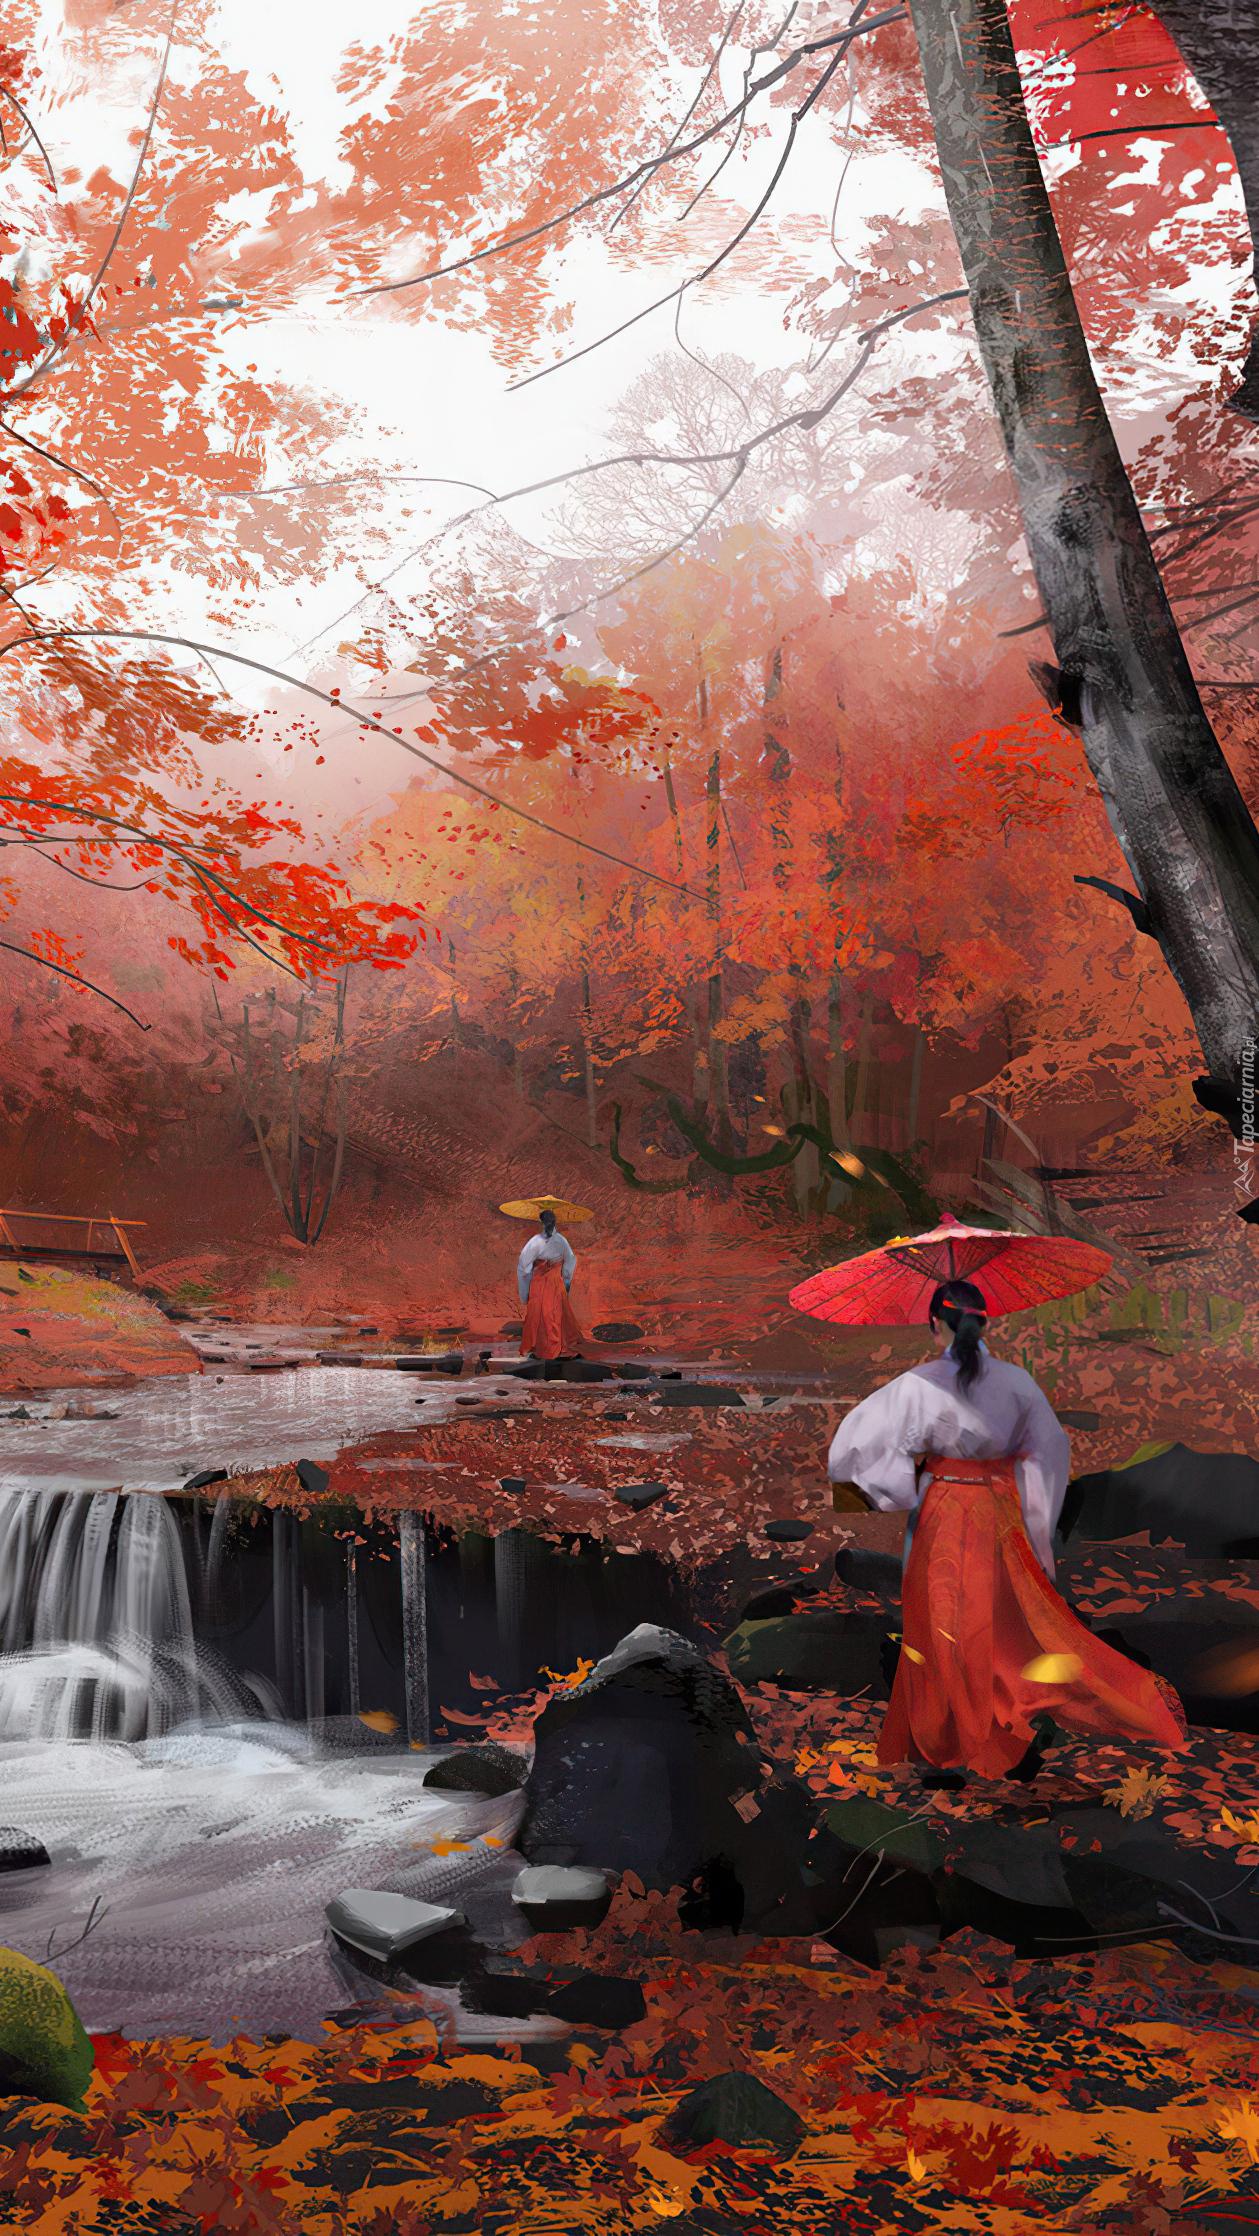 Kobiety nad rzeką w jesiennym lesie